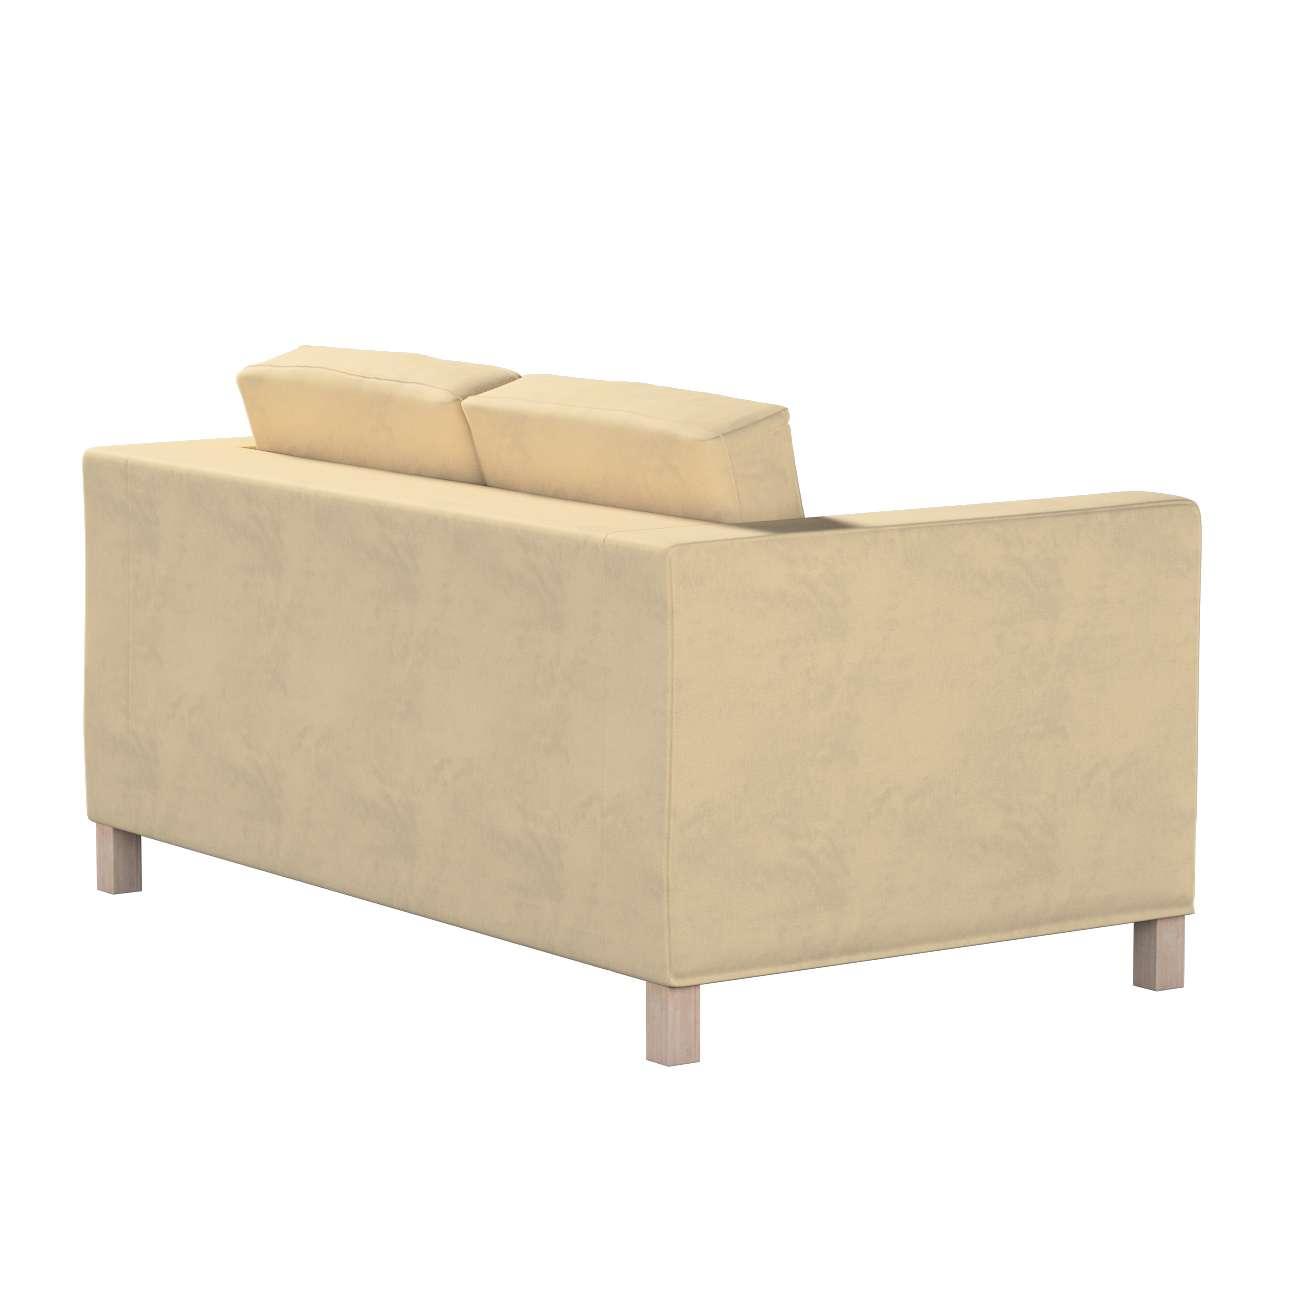 Karlanda 2-Sitzer Sofabezug nicht ausklappbar kurz von der Kollektion Living, Stoff: 160-82